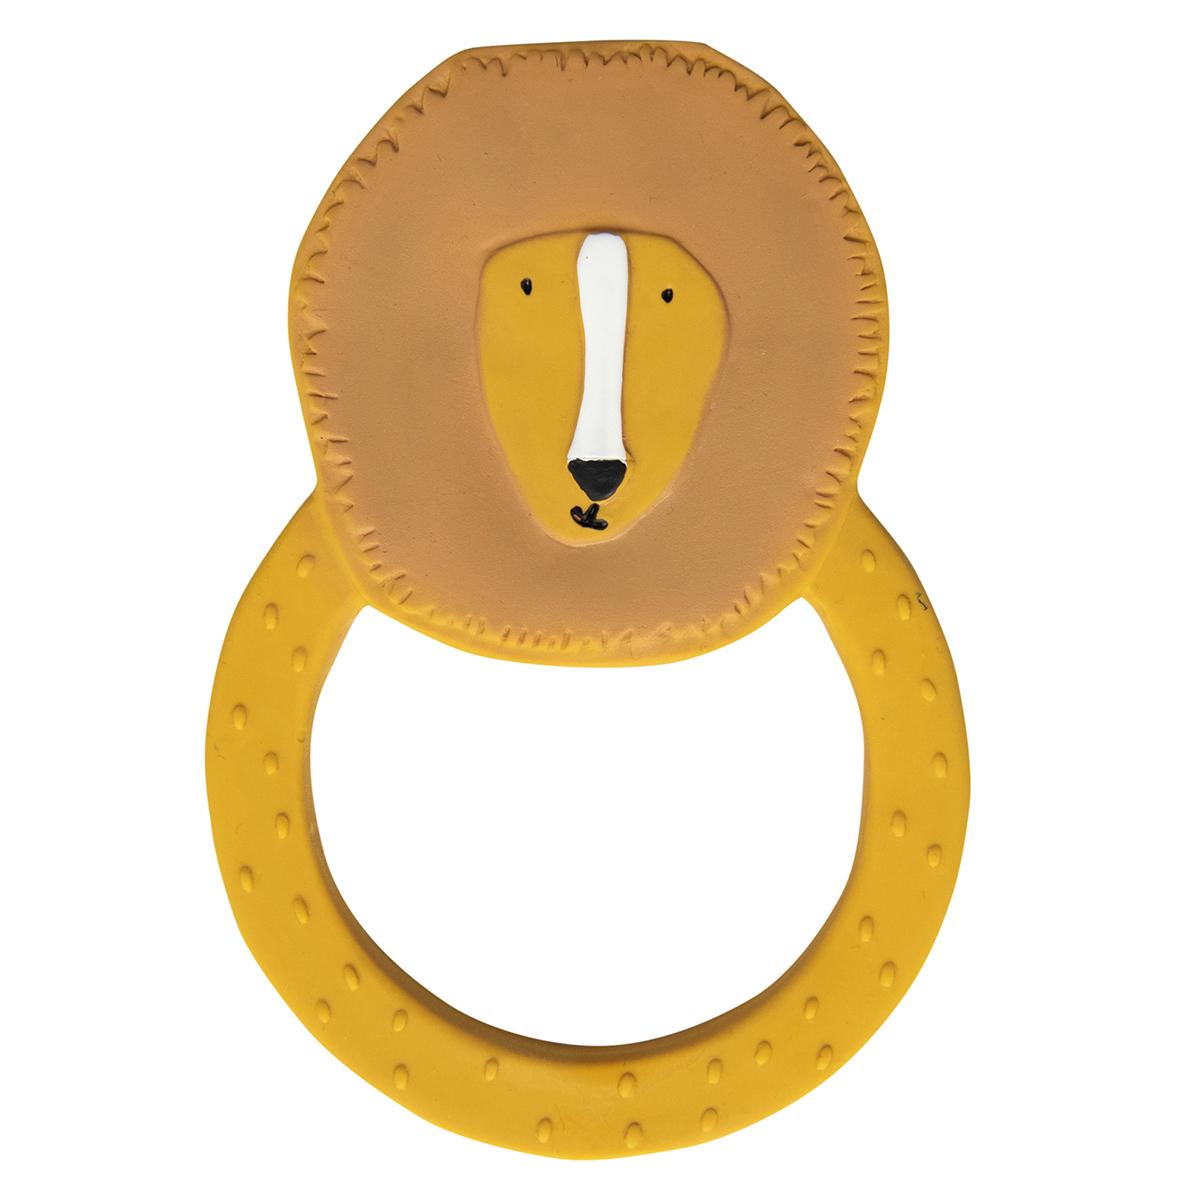 Dentition Anneau de Dentition en Caoutchouc Naturel - Mr. Lion Anneau de Dentition en Caoutchouc Naturel - Mr. Lion